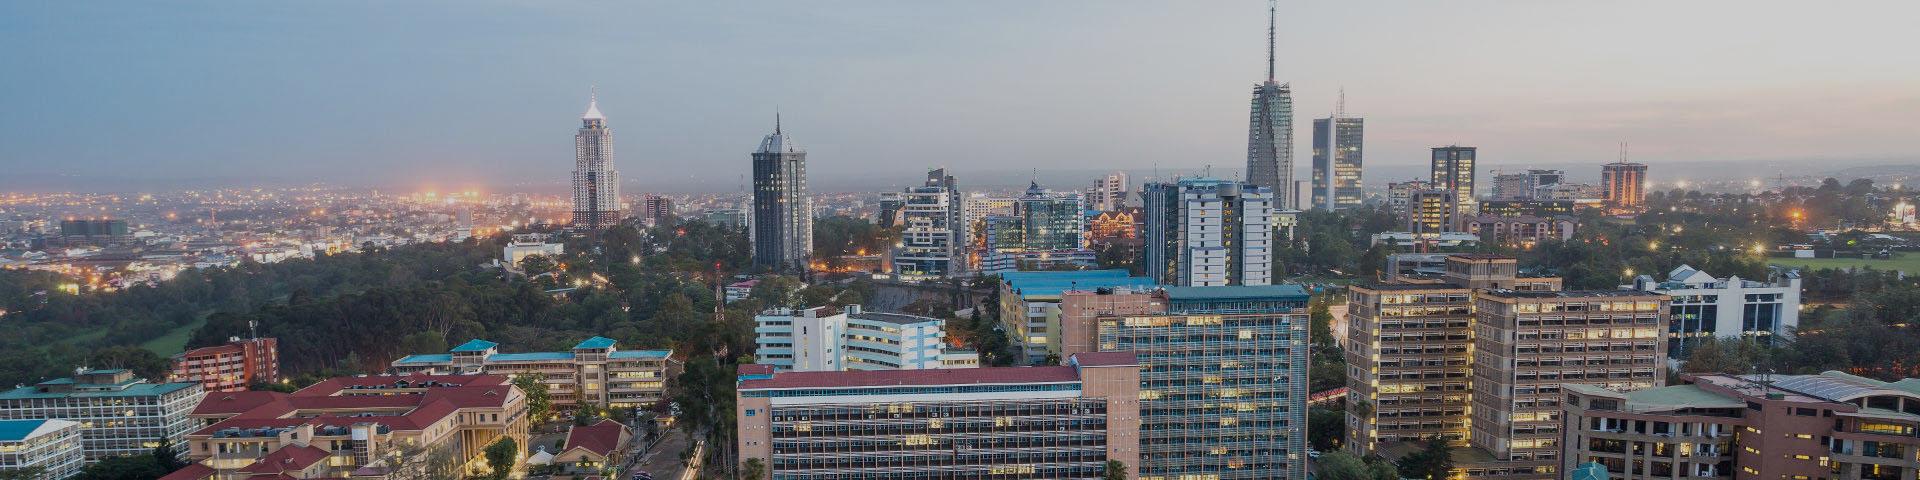 Nairobi hero edit